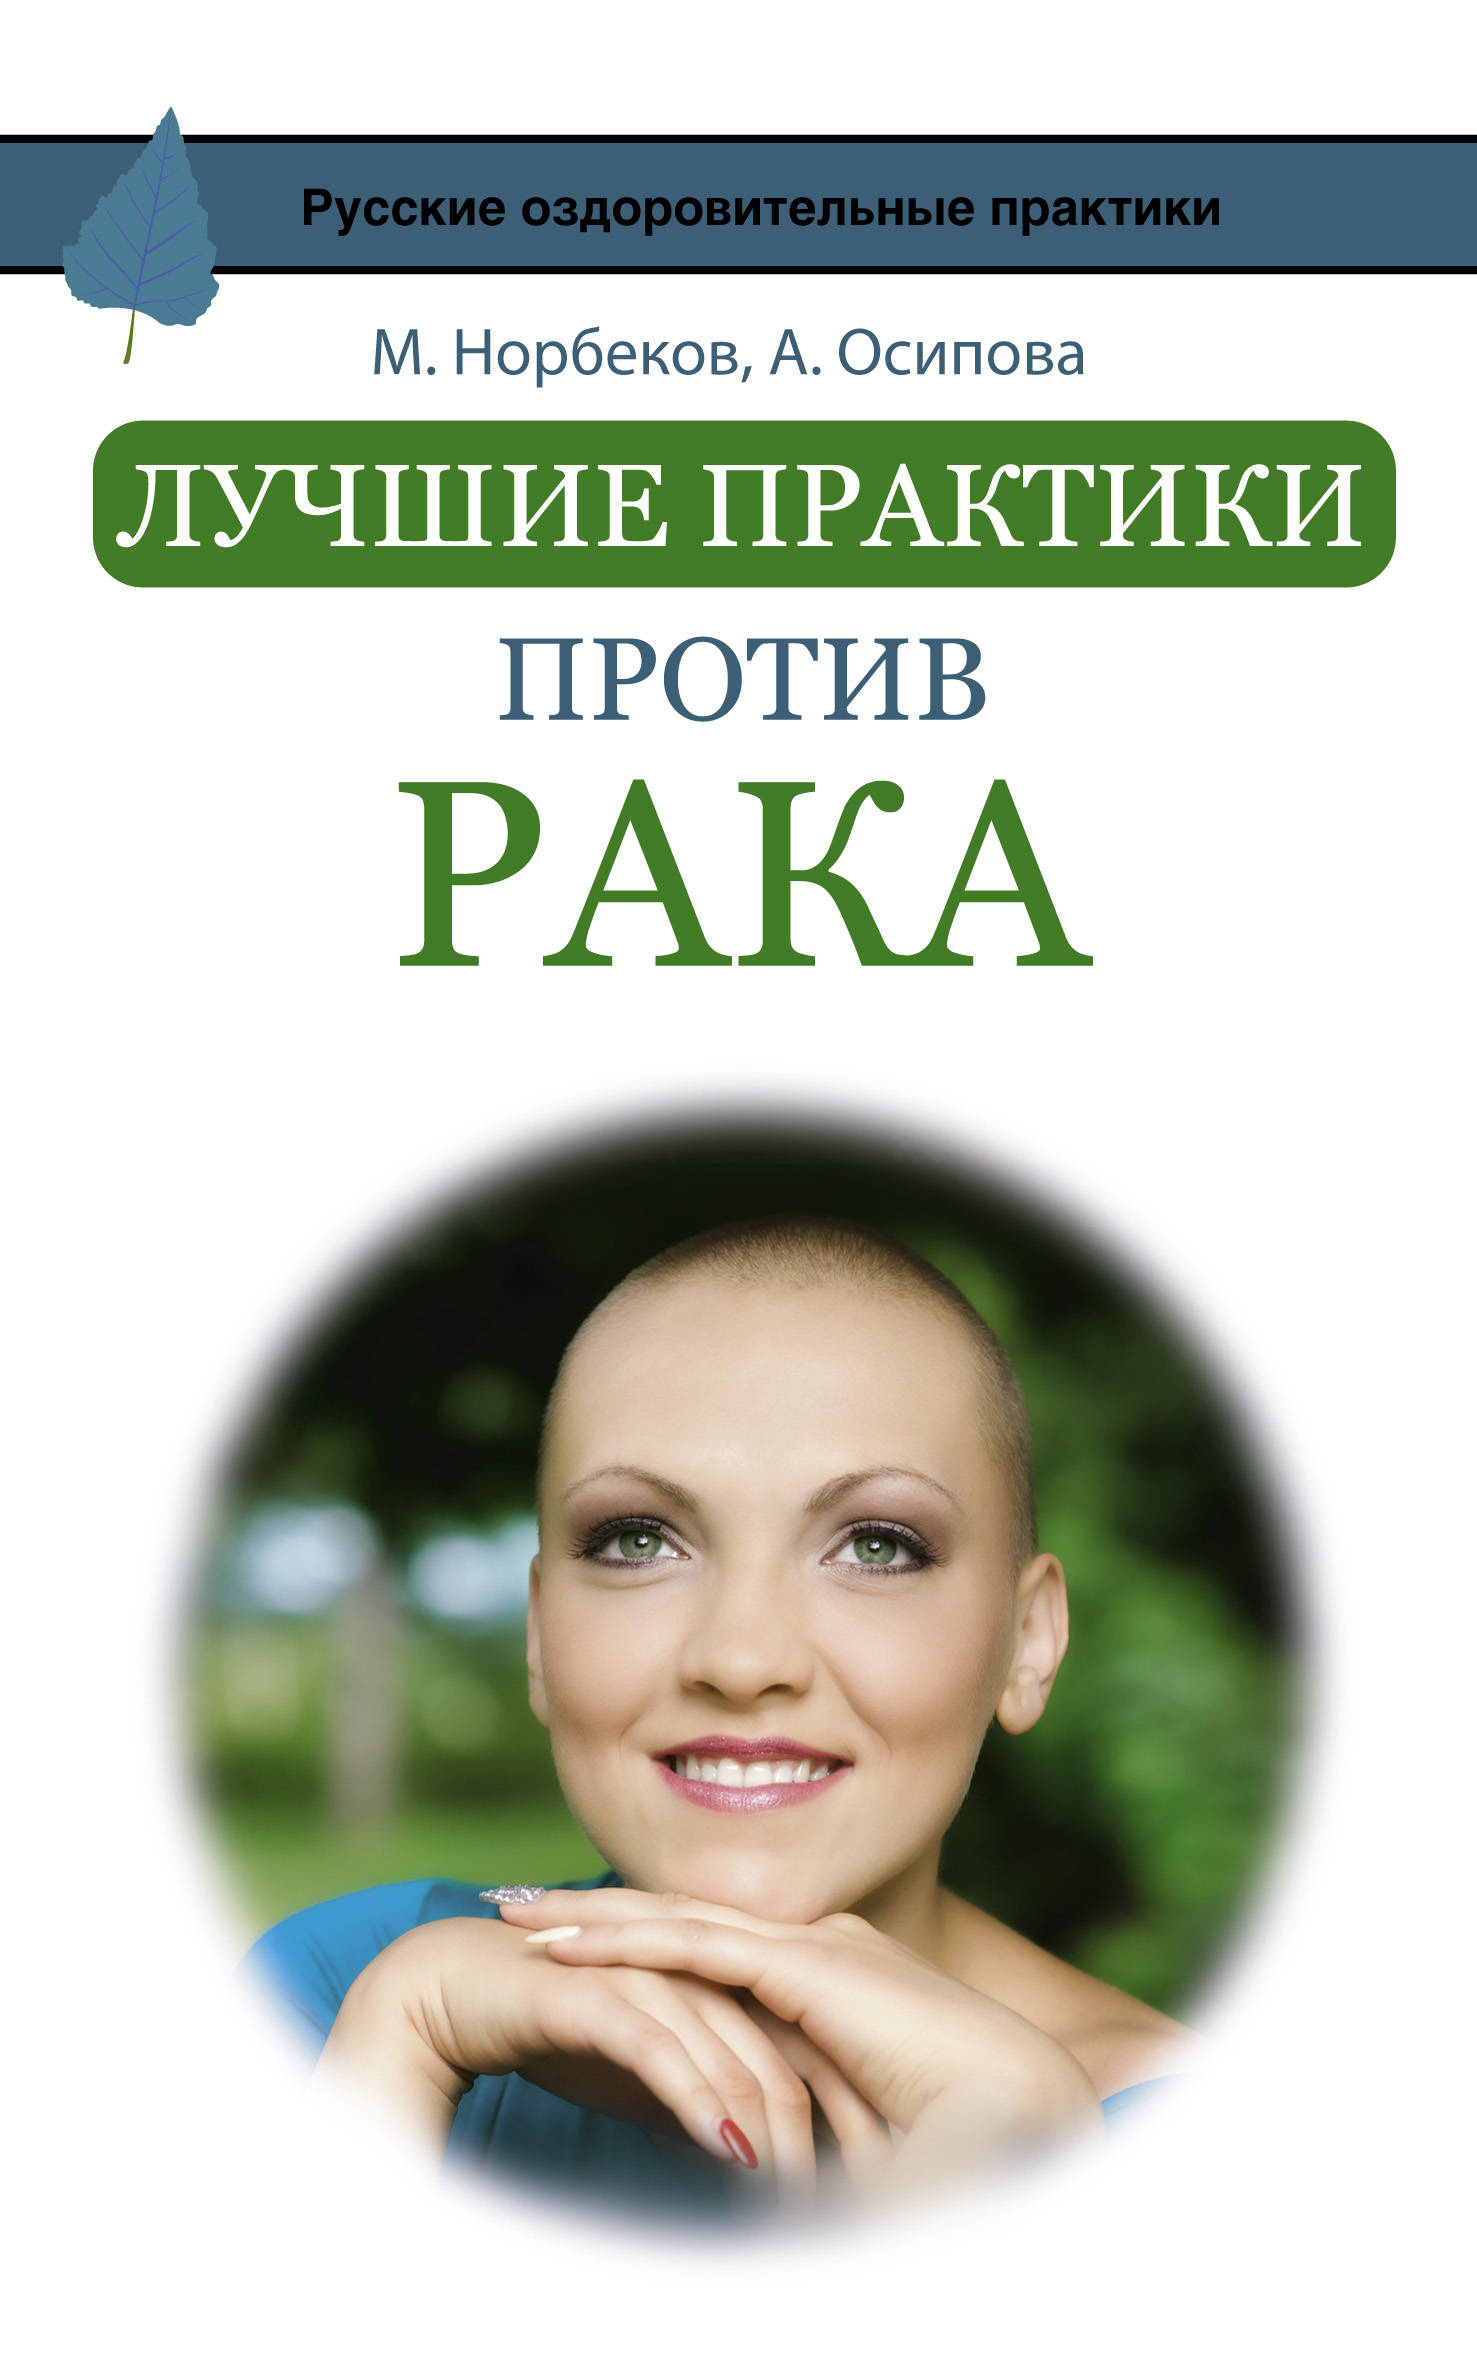 Читать мирзакарим санакулович норбеков биография